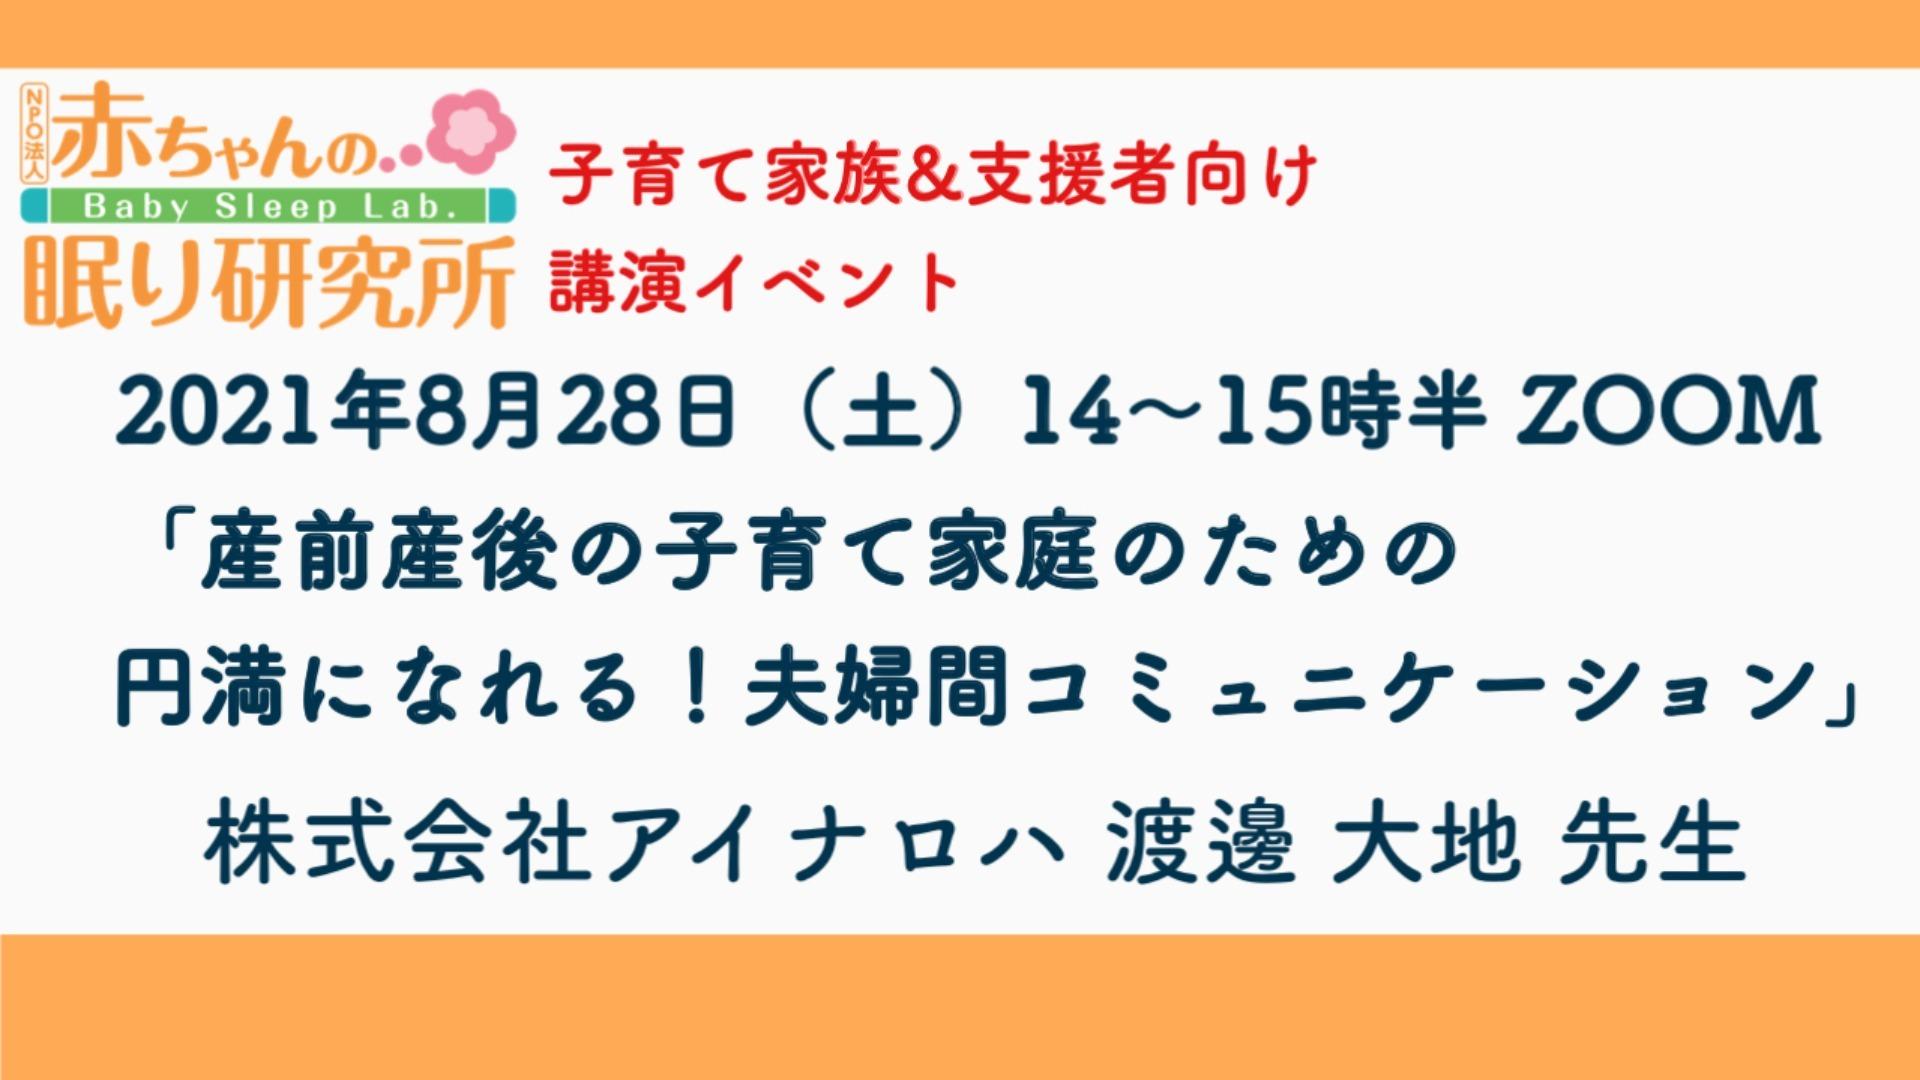 【終了しました】8/28(土)「夫婦間コミュニケーション」イベント